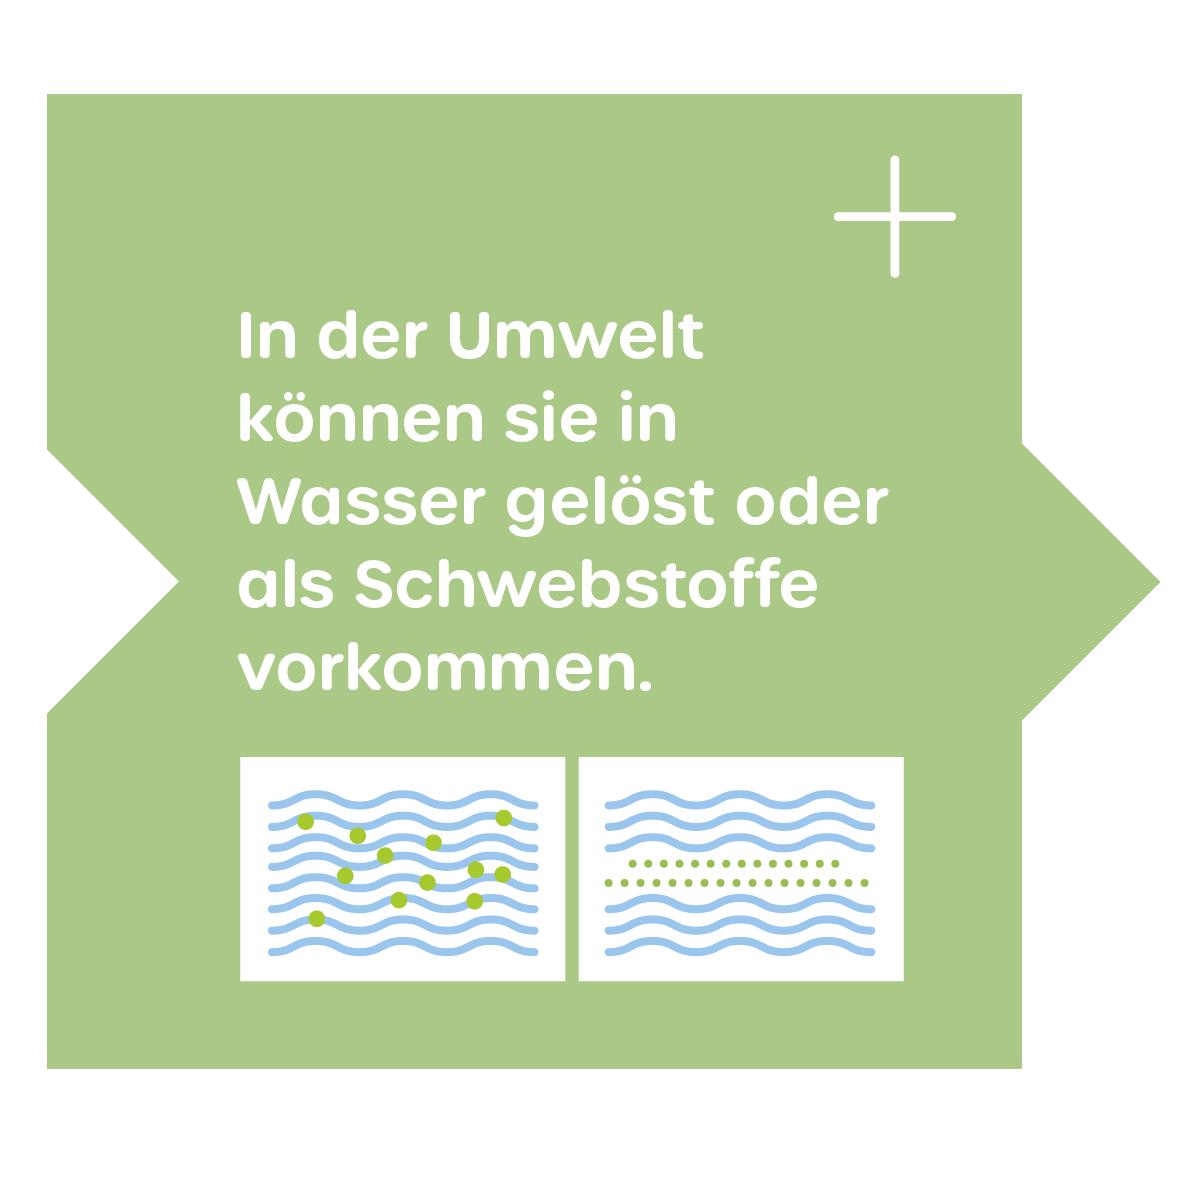 Natürliche Polymere in der Umwelt